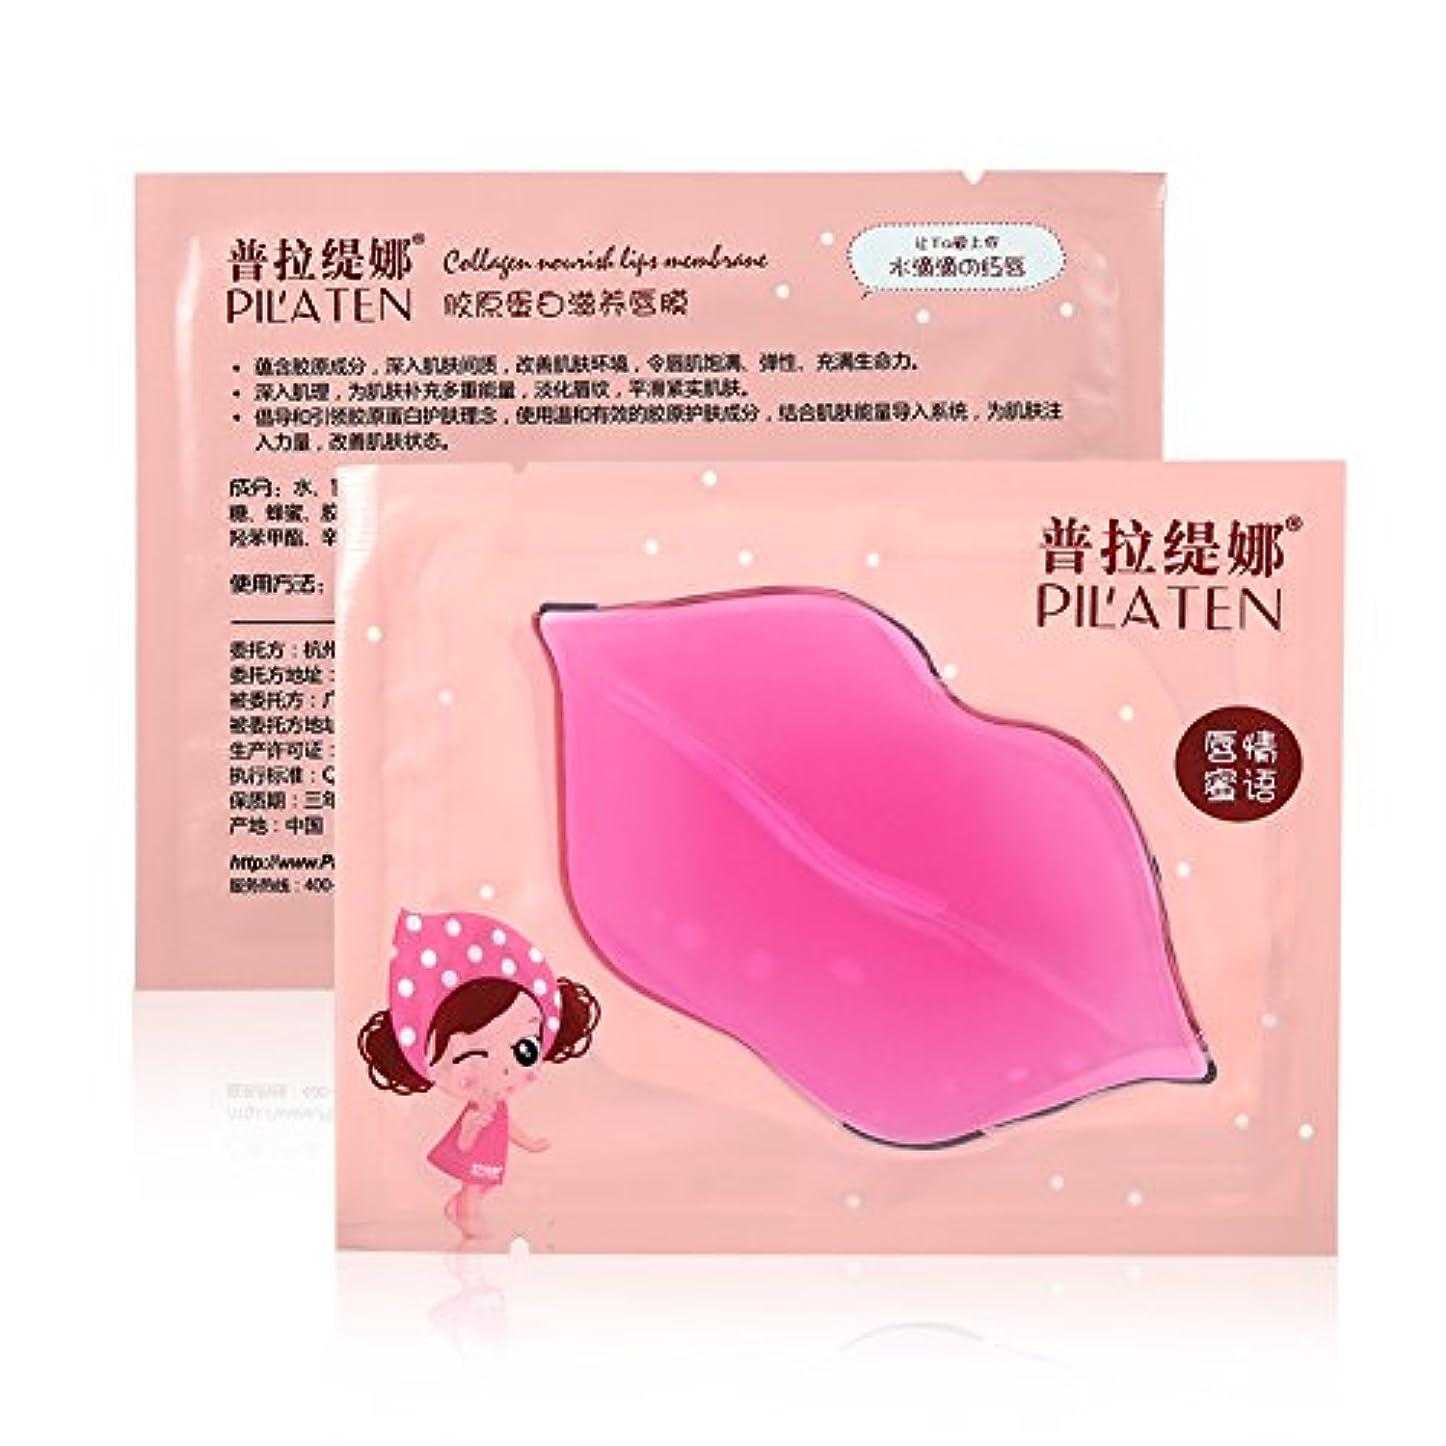 8pcsピラテンピンククリスタルコラーゲン美容液エクスフォリエイティングモイスチャーモイスチャライジングリップマスク